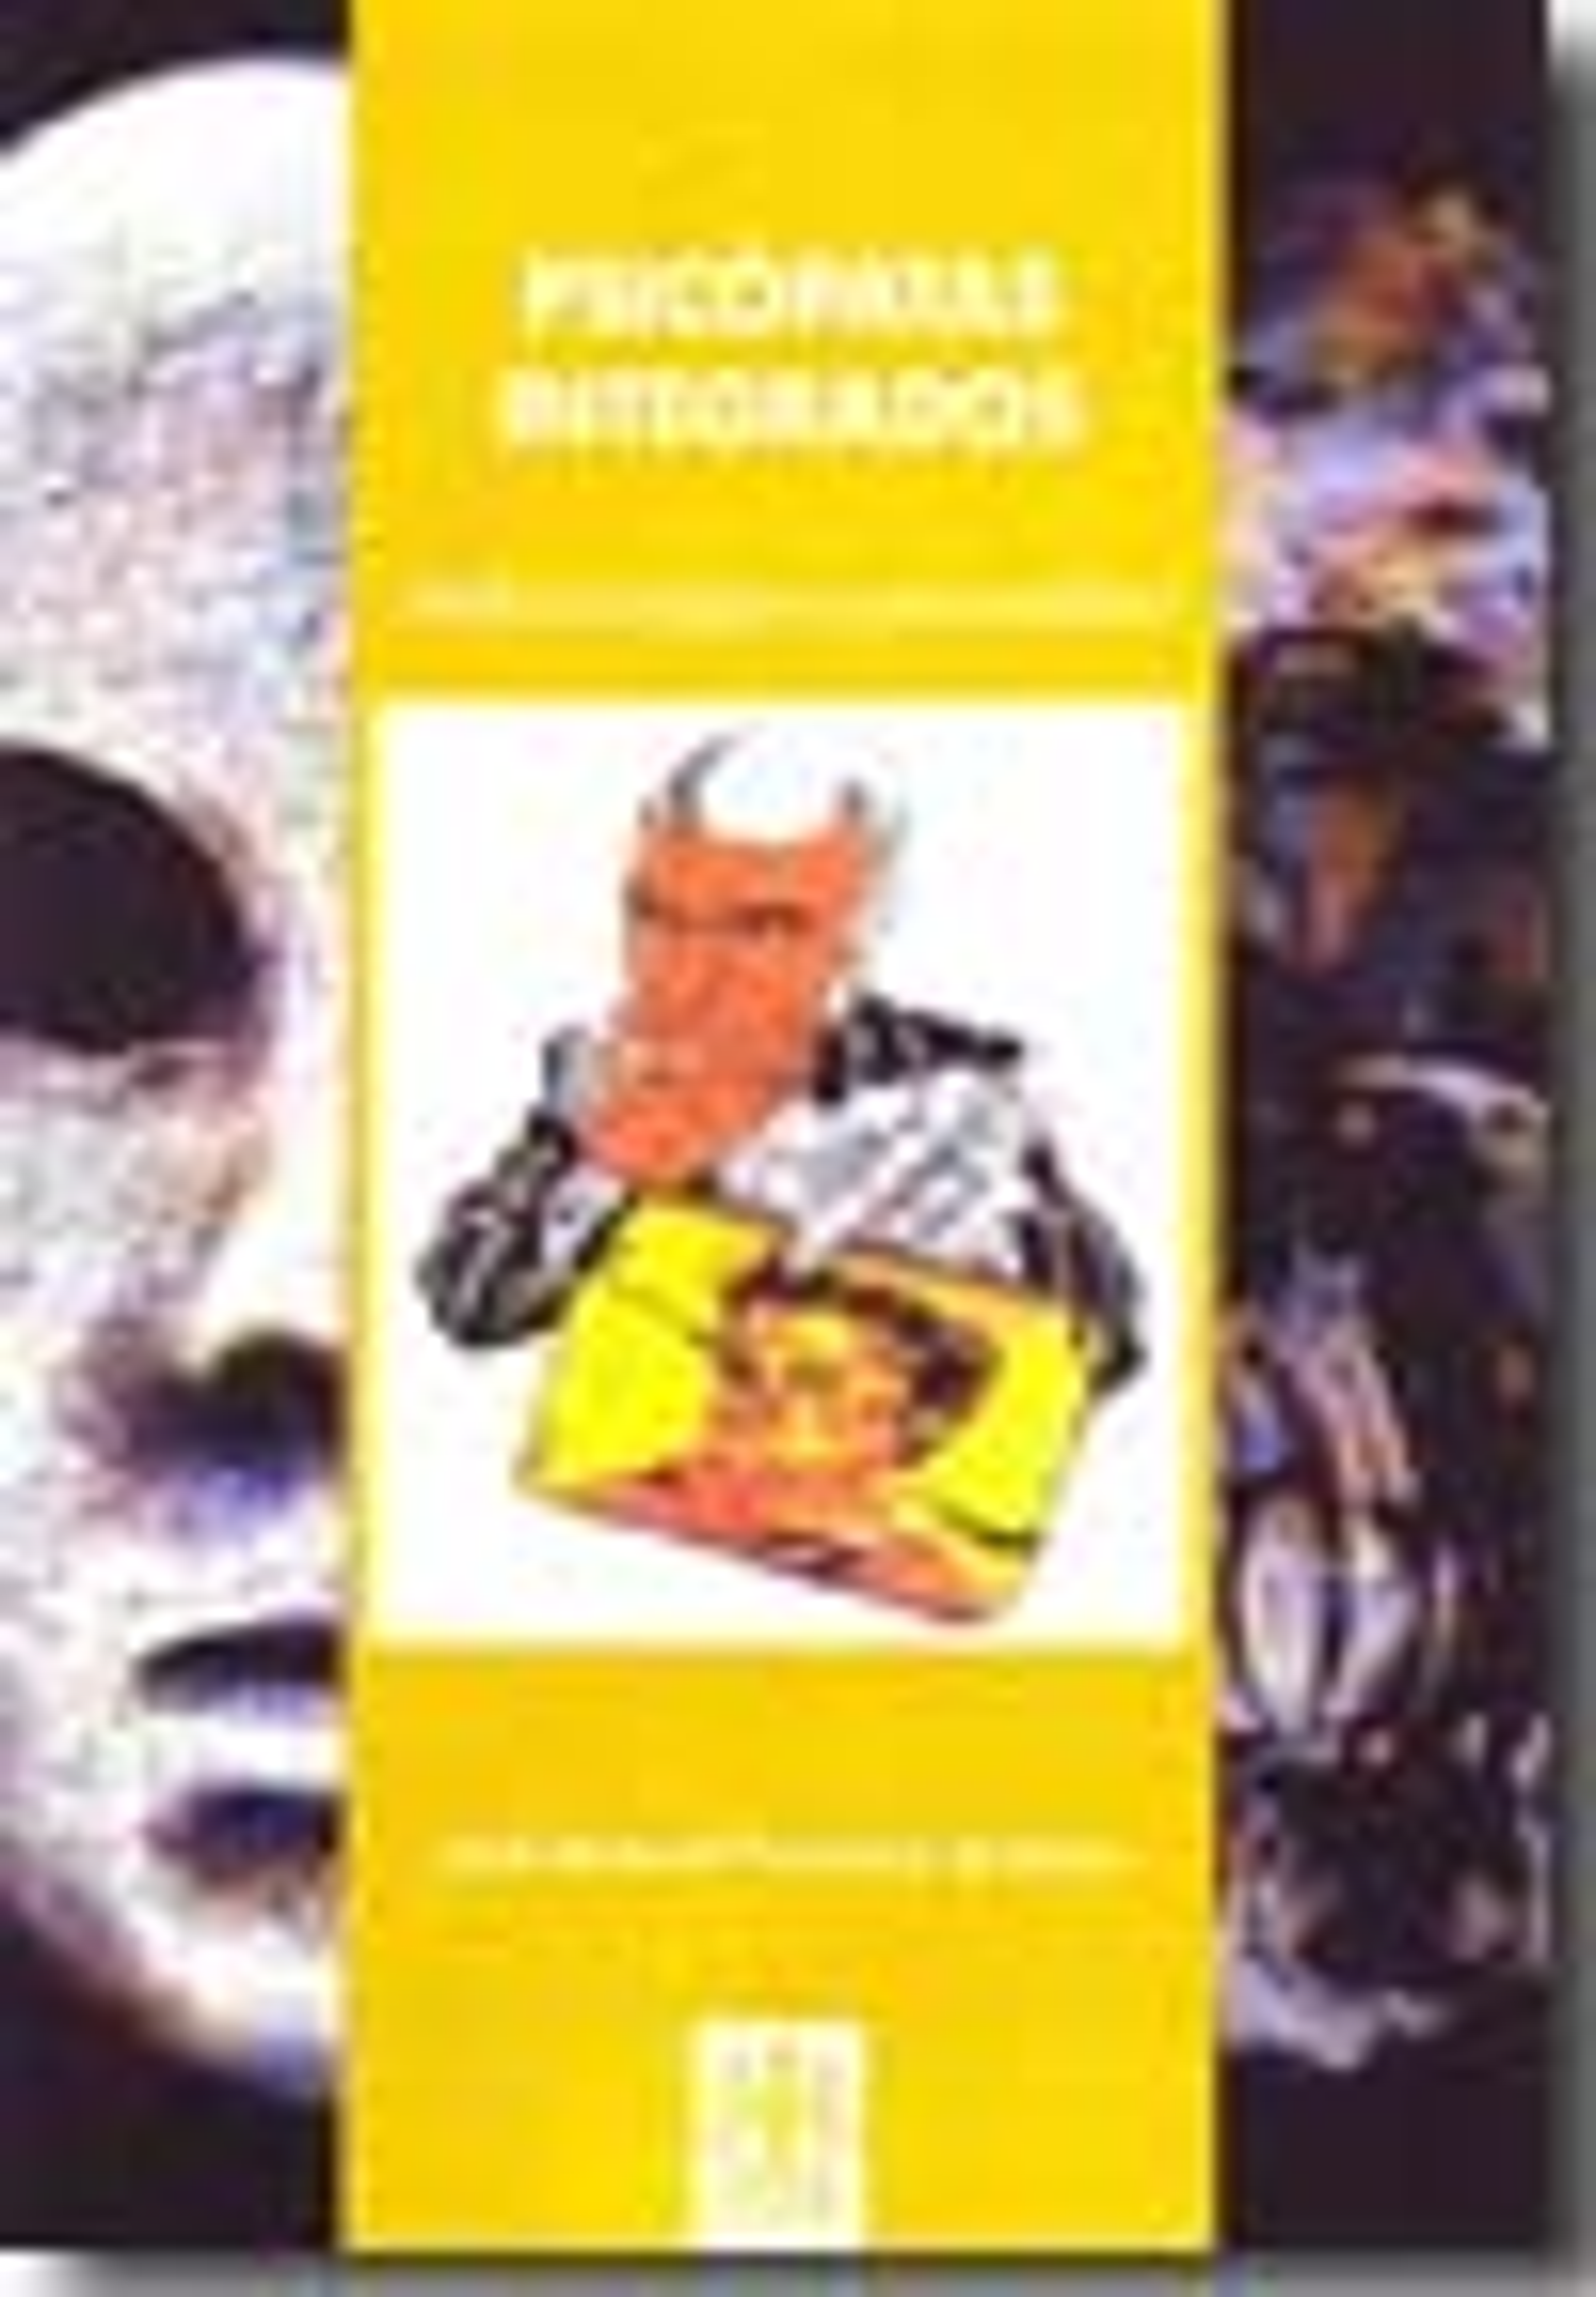 Psicopatas Integrados: Perfil Psicologico Y Personalidad - Pozueco Romero Jose Manuel